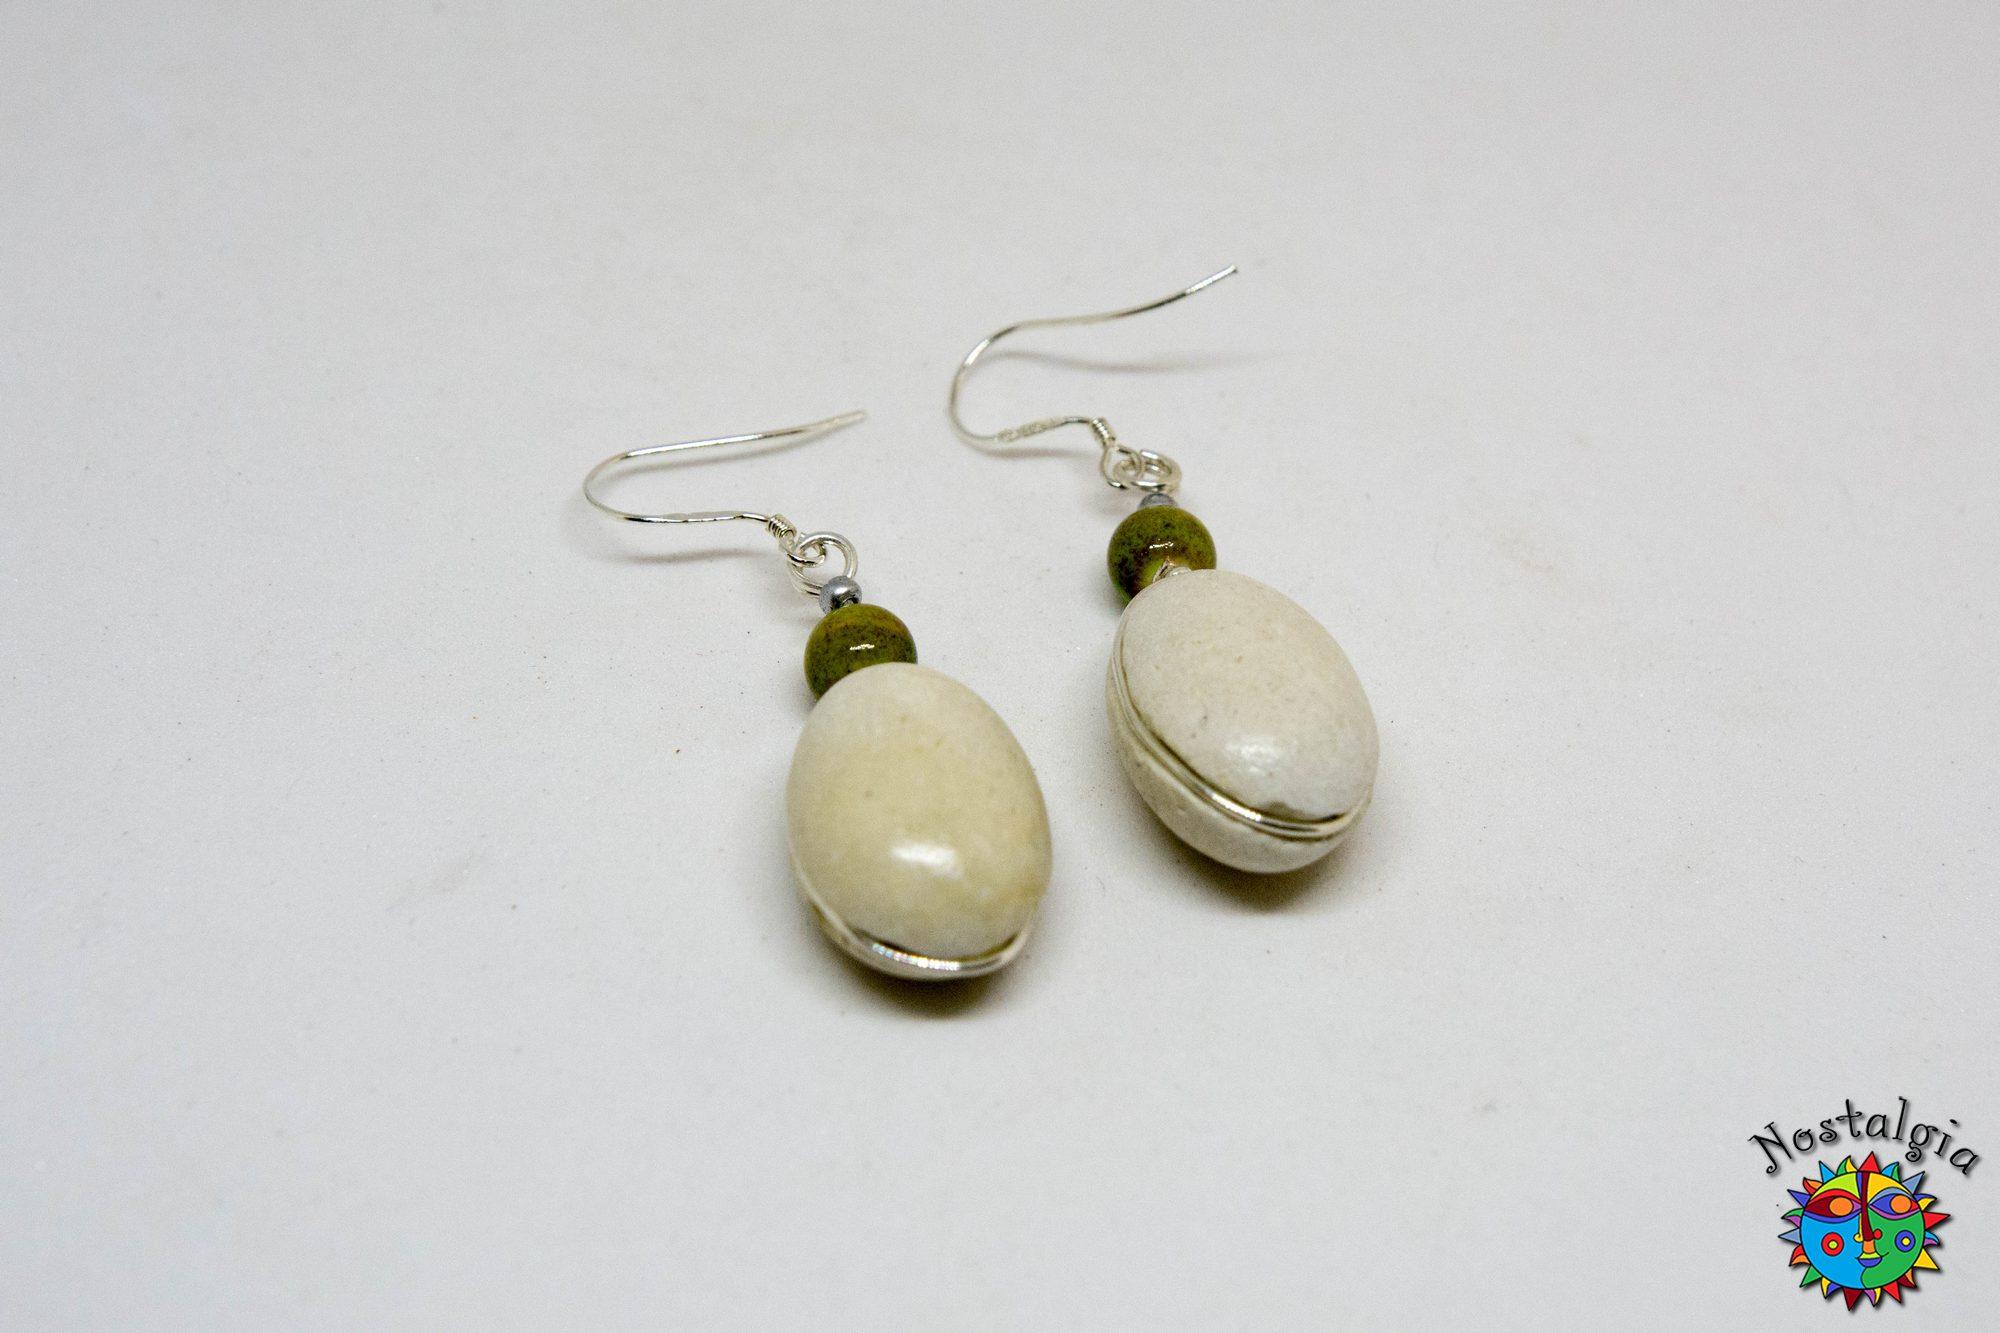 Σκουλαρίκια με βότσαλα – Πράσινα